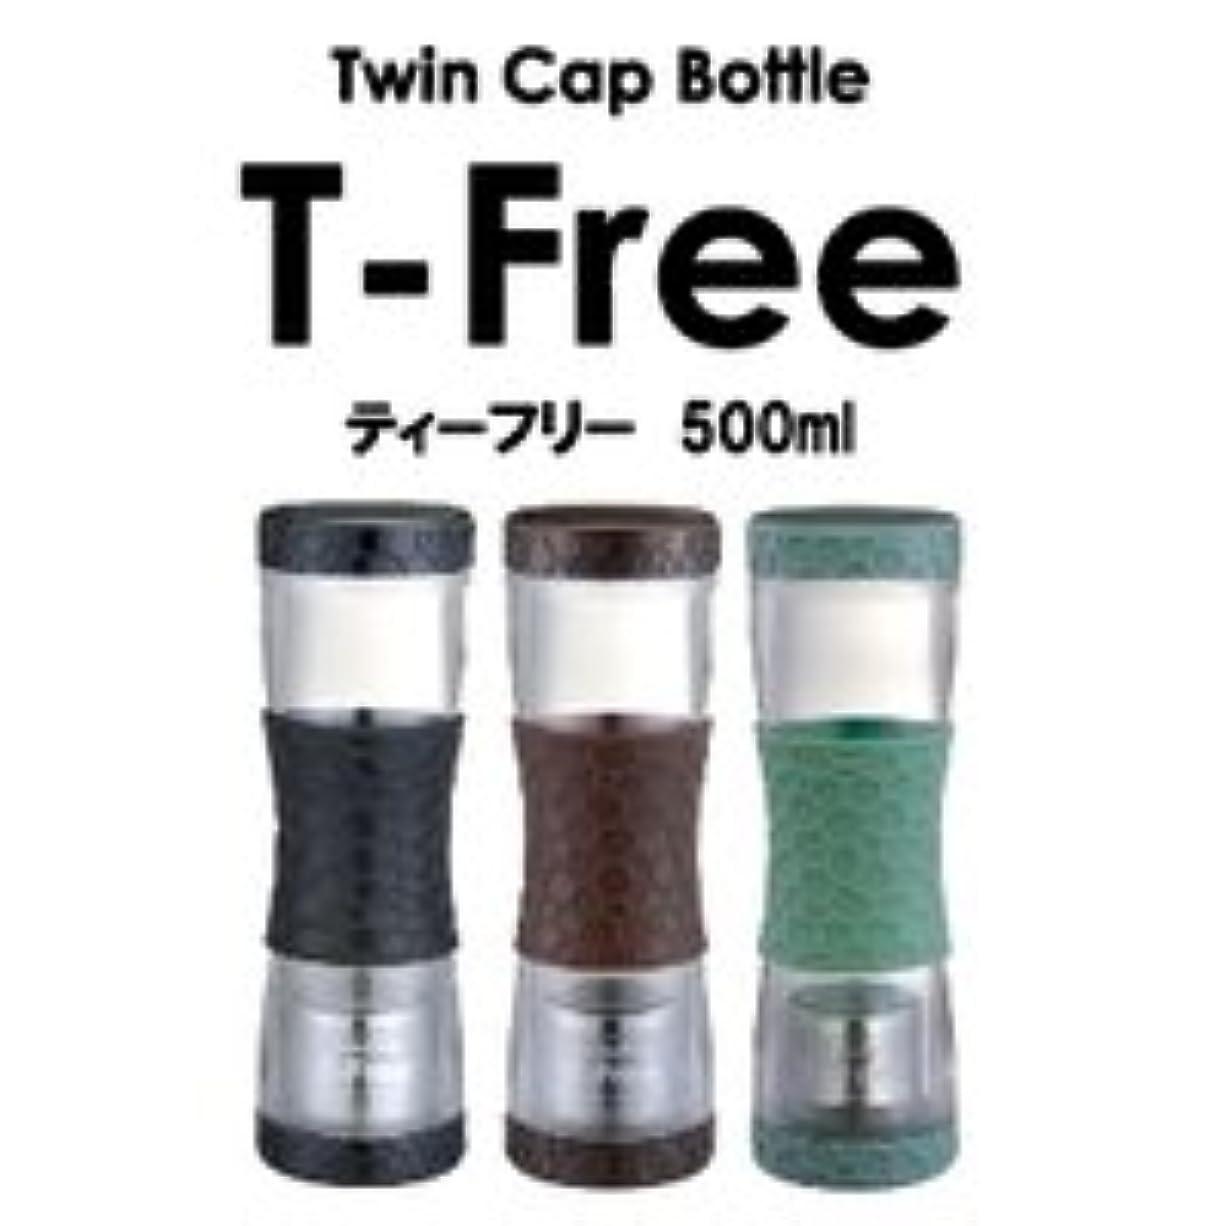 達成する基礎人形ティーフリー500ml T-Free (カラー:グリーン) ※使い方自由なツインキャップボトル